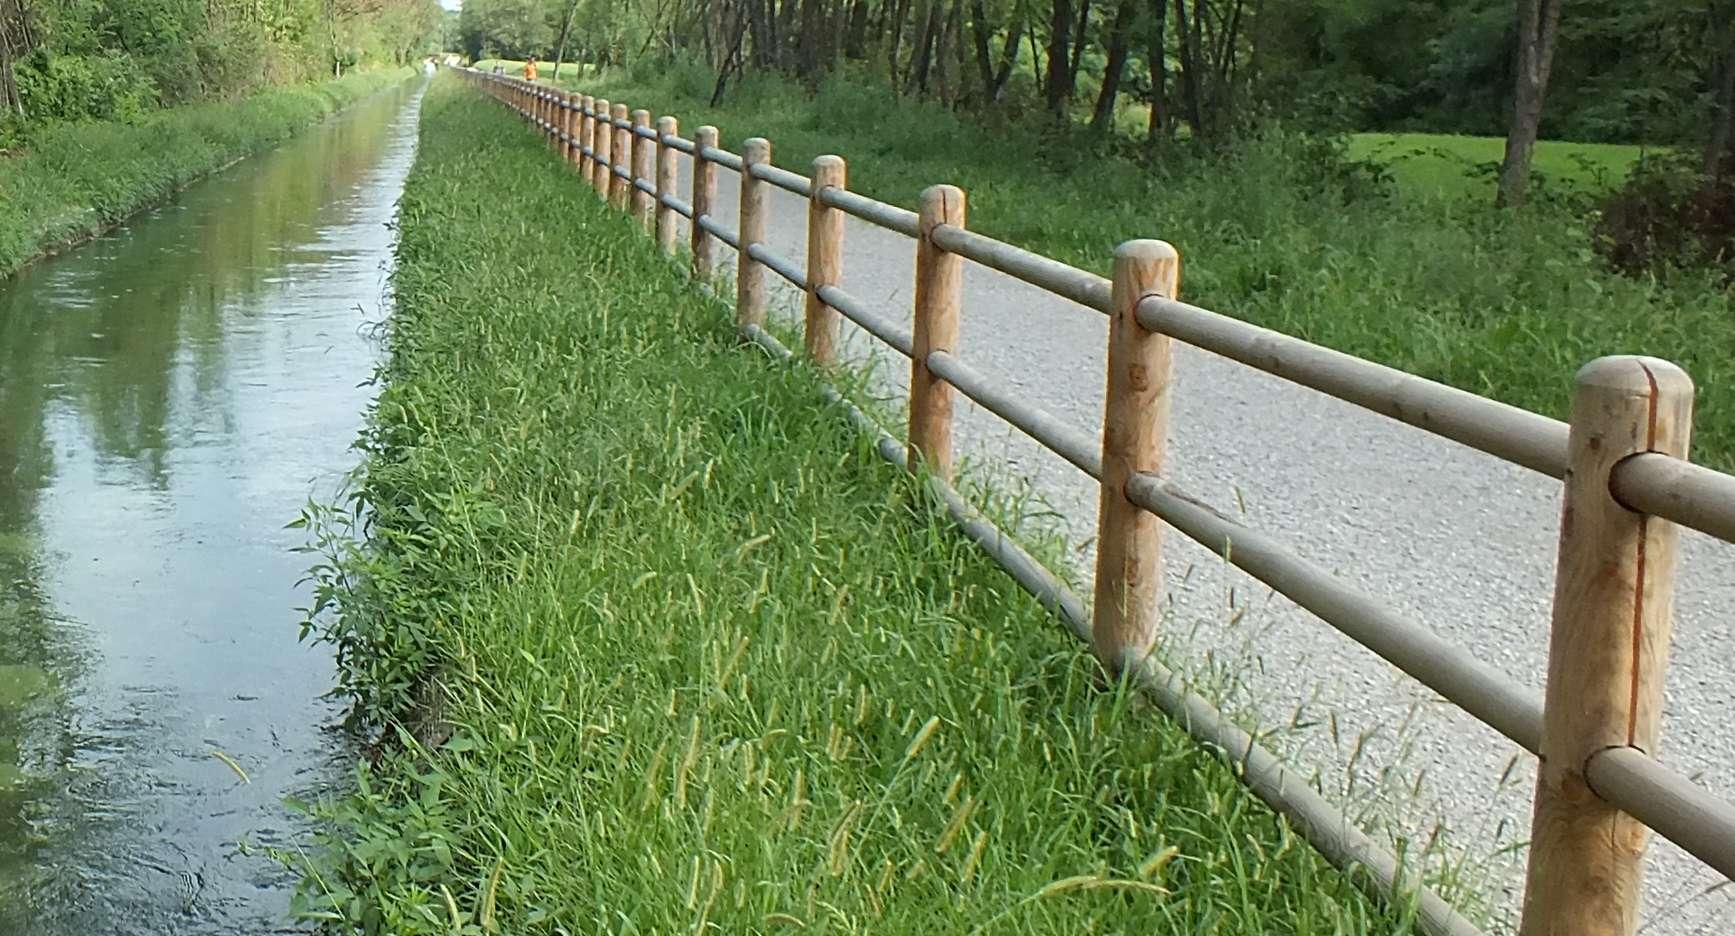 La pista ciclabile del Parco delle Groane a nord di Milano